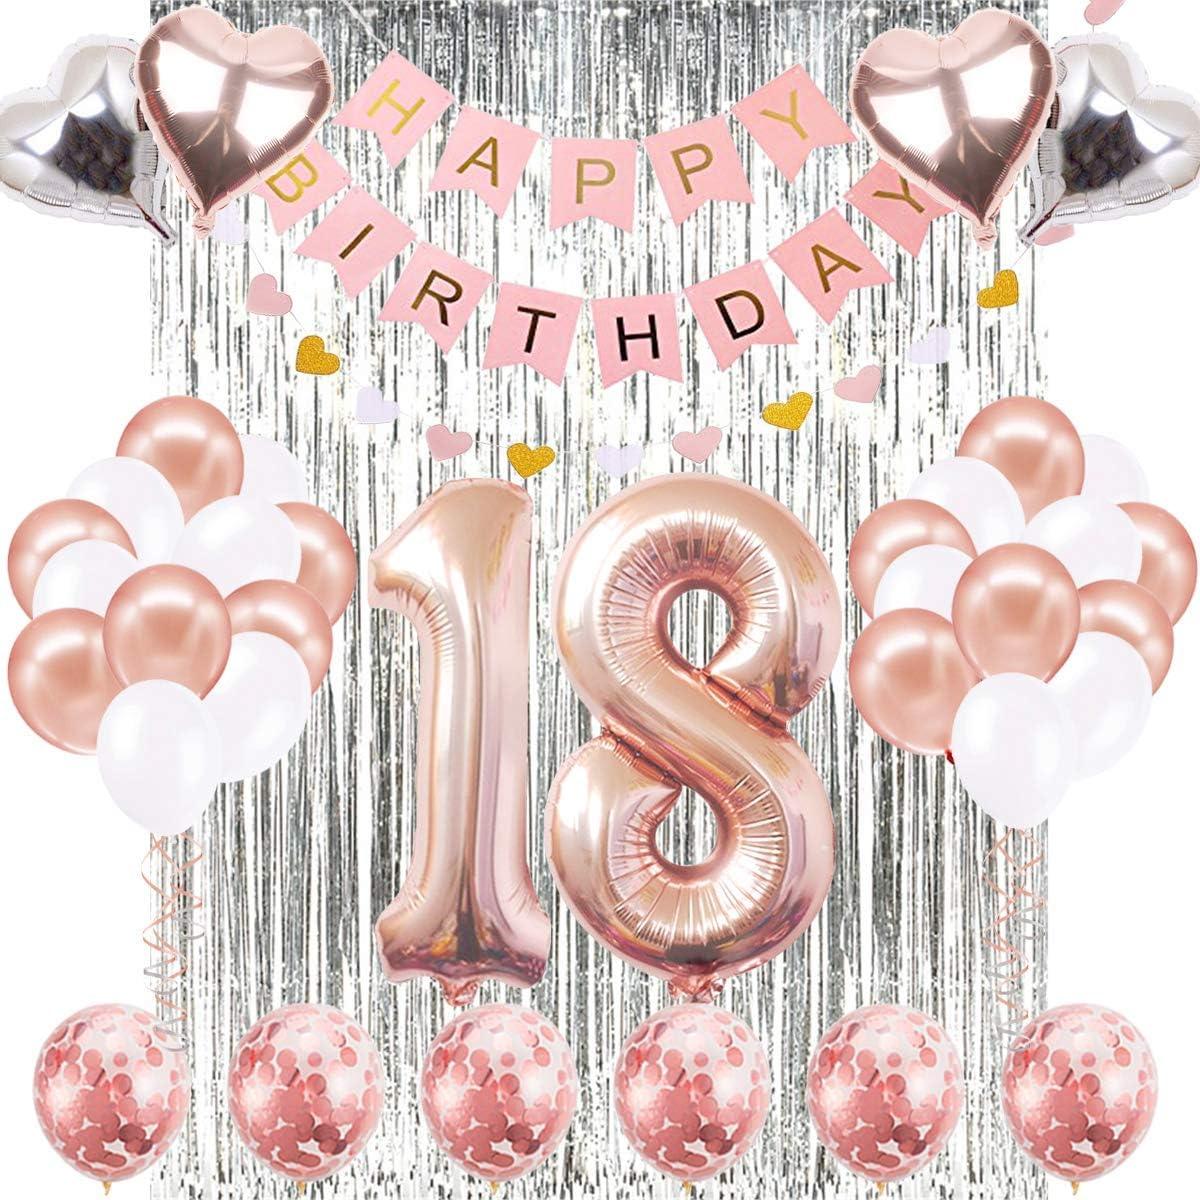 SUNPAT Decoraciones de Cumpleaños Número 18 Banner Globo Decoraciones de Cumpleaños Número 18 Artículos de Fiesta Regalos Para Mujeres Globos Número 18 de Oro Rosa, Globos de Confeti de Oro Rosa